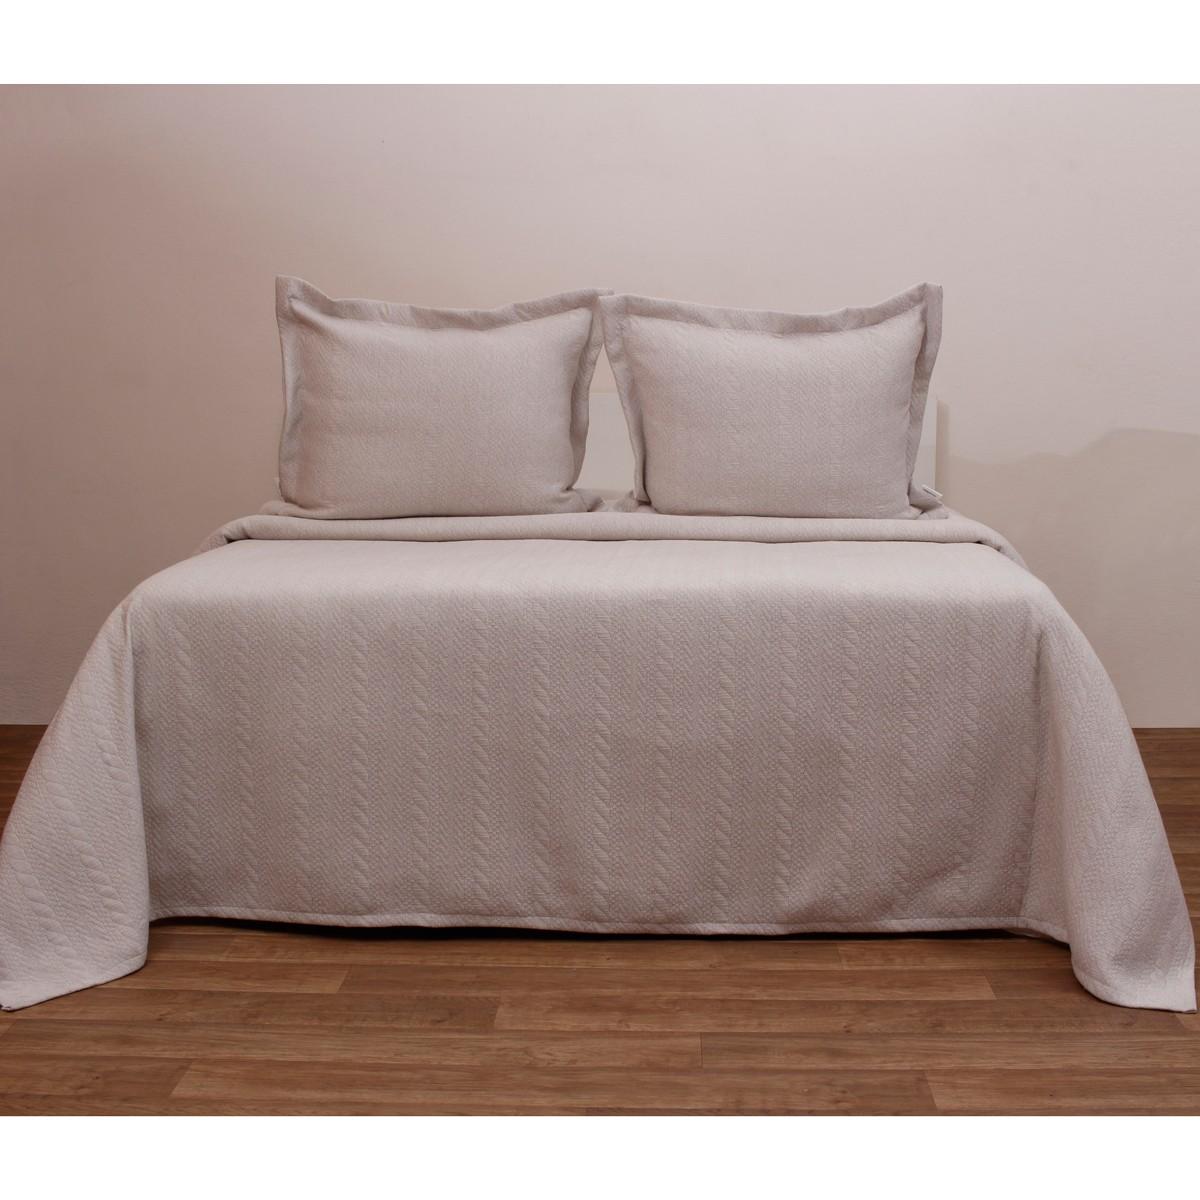 Κουβερτόριο Μονό Anna Riska Karen Linen home   κρεβατοκάμαρα   κουβέρτες   κουβέρτες καλοκαιρινές μονές